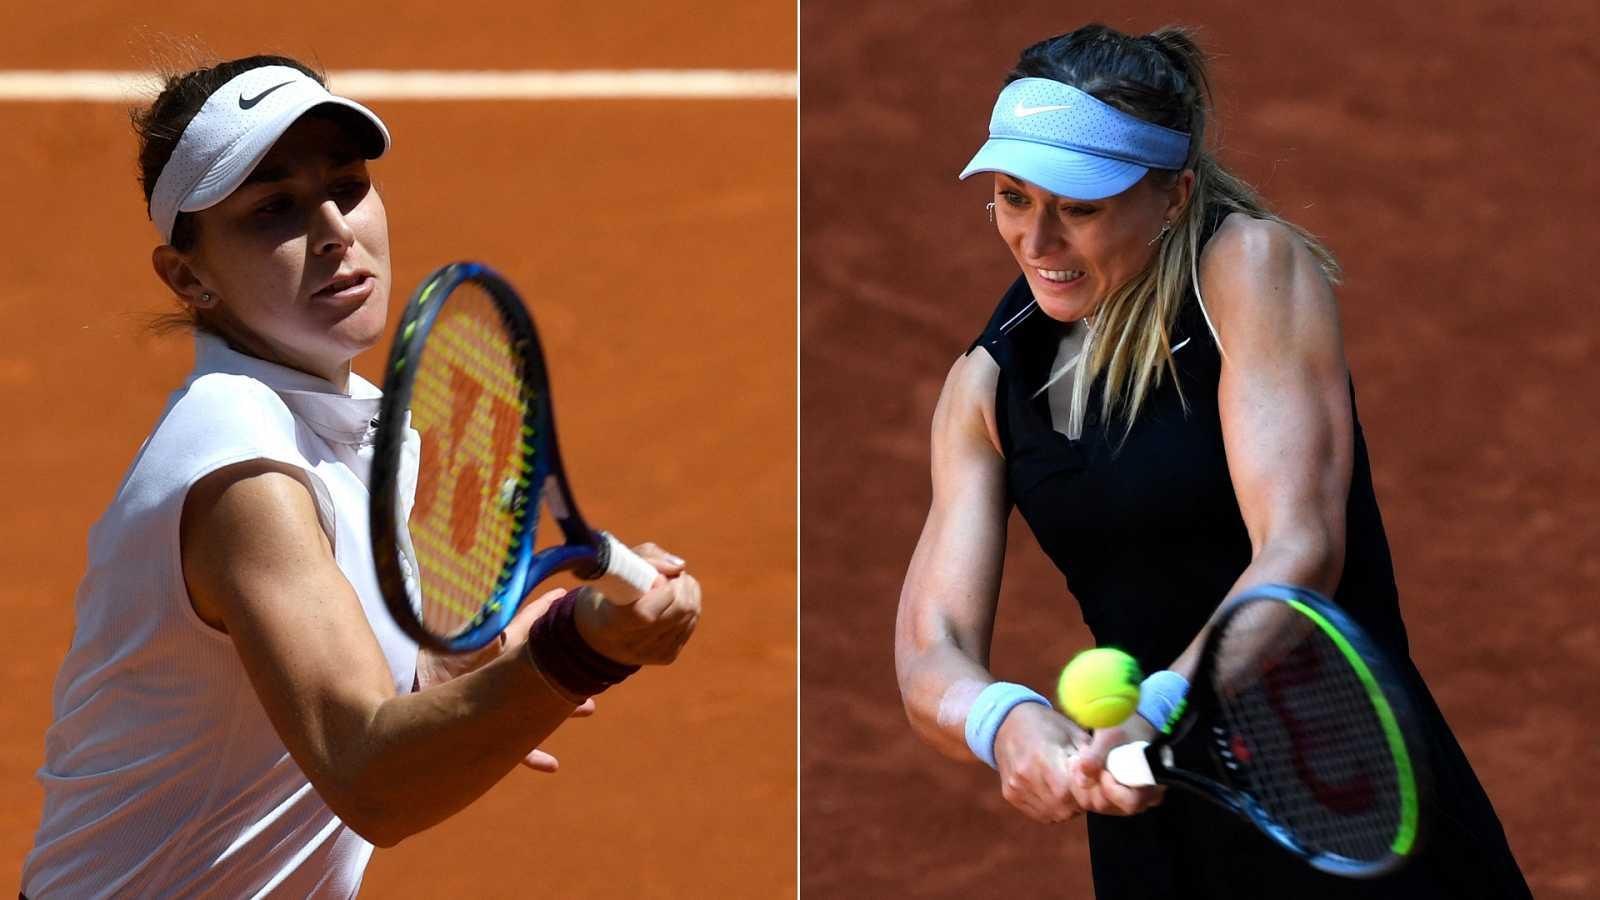 Tenis - WTA Mutua Madrid Open: Paula Badosa - Belinda Bencic - ver ahora